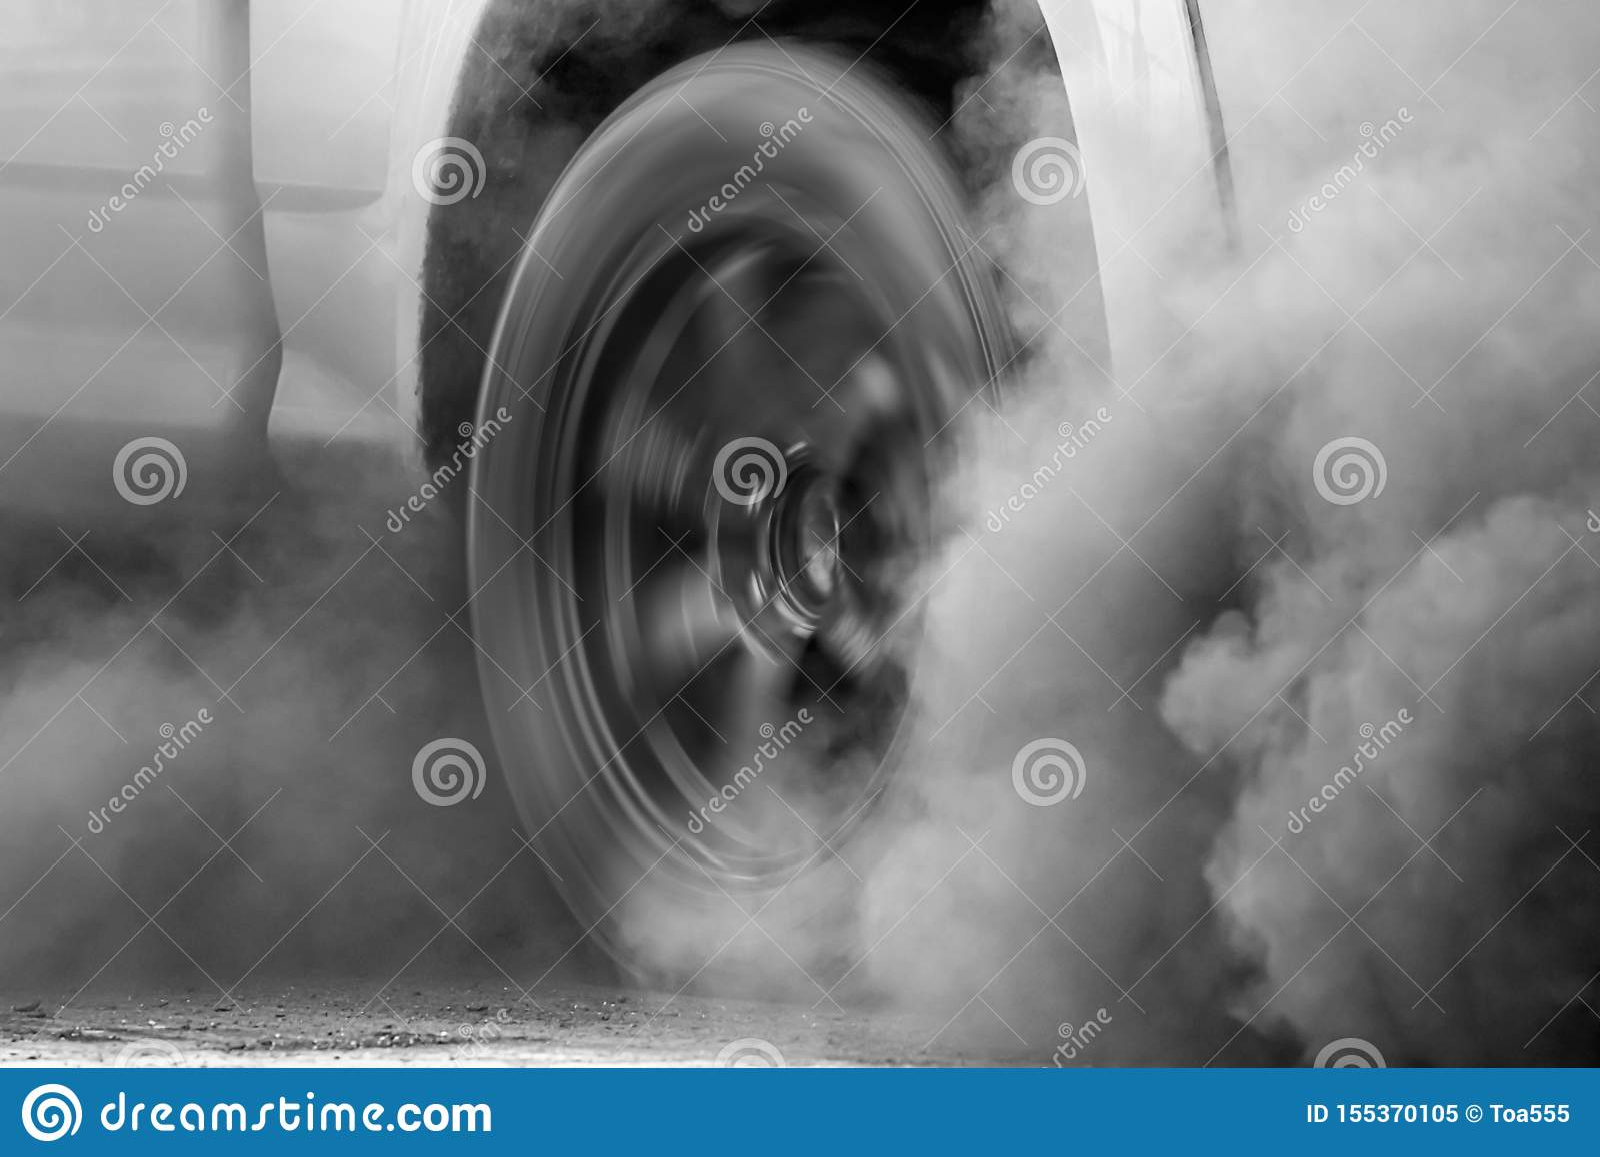 Crise de pollution atmosph?rique dans la ville du pot d ?chappement de v?hicule diesel